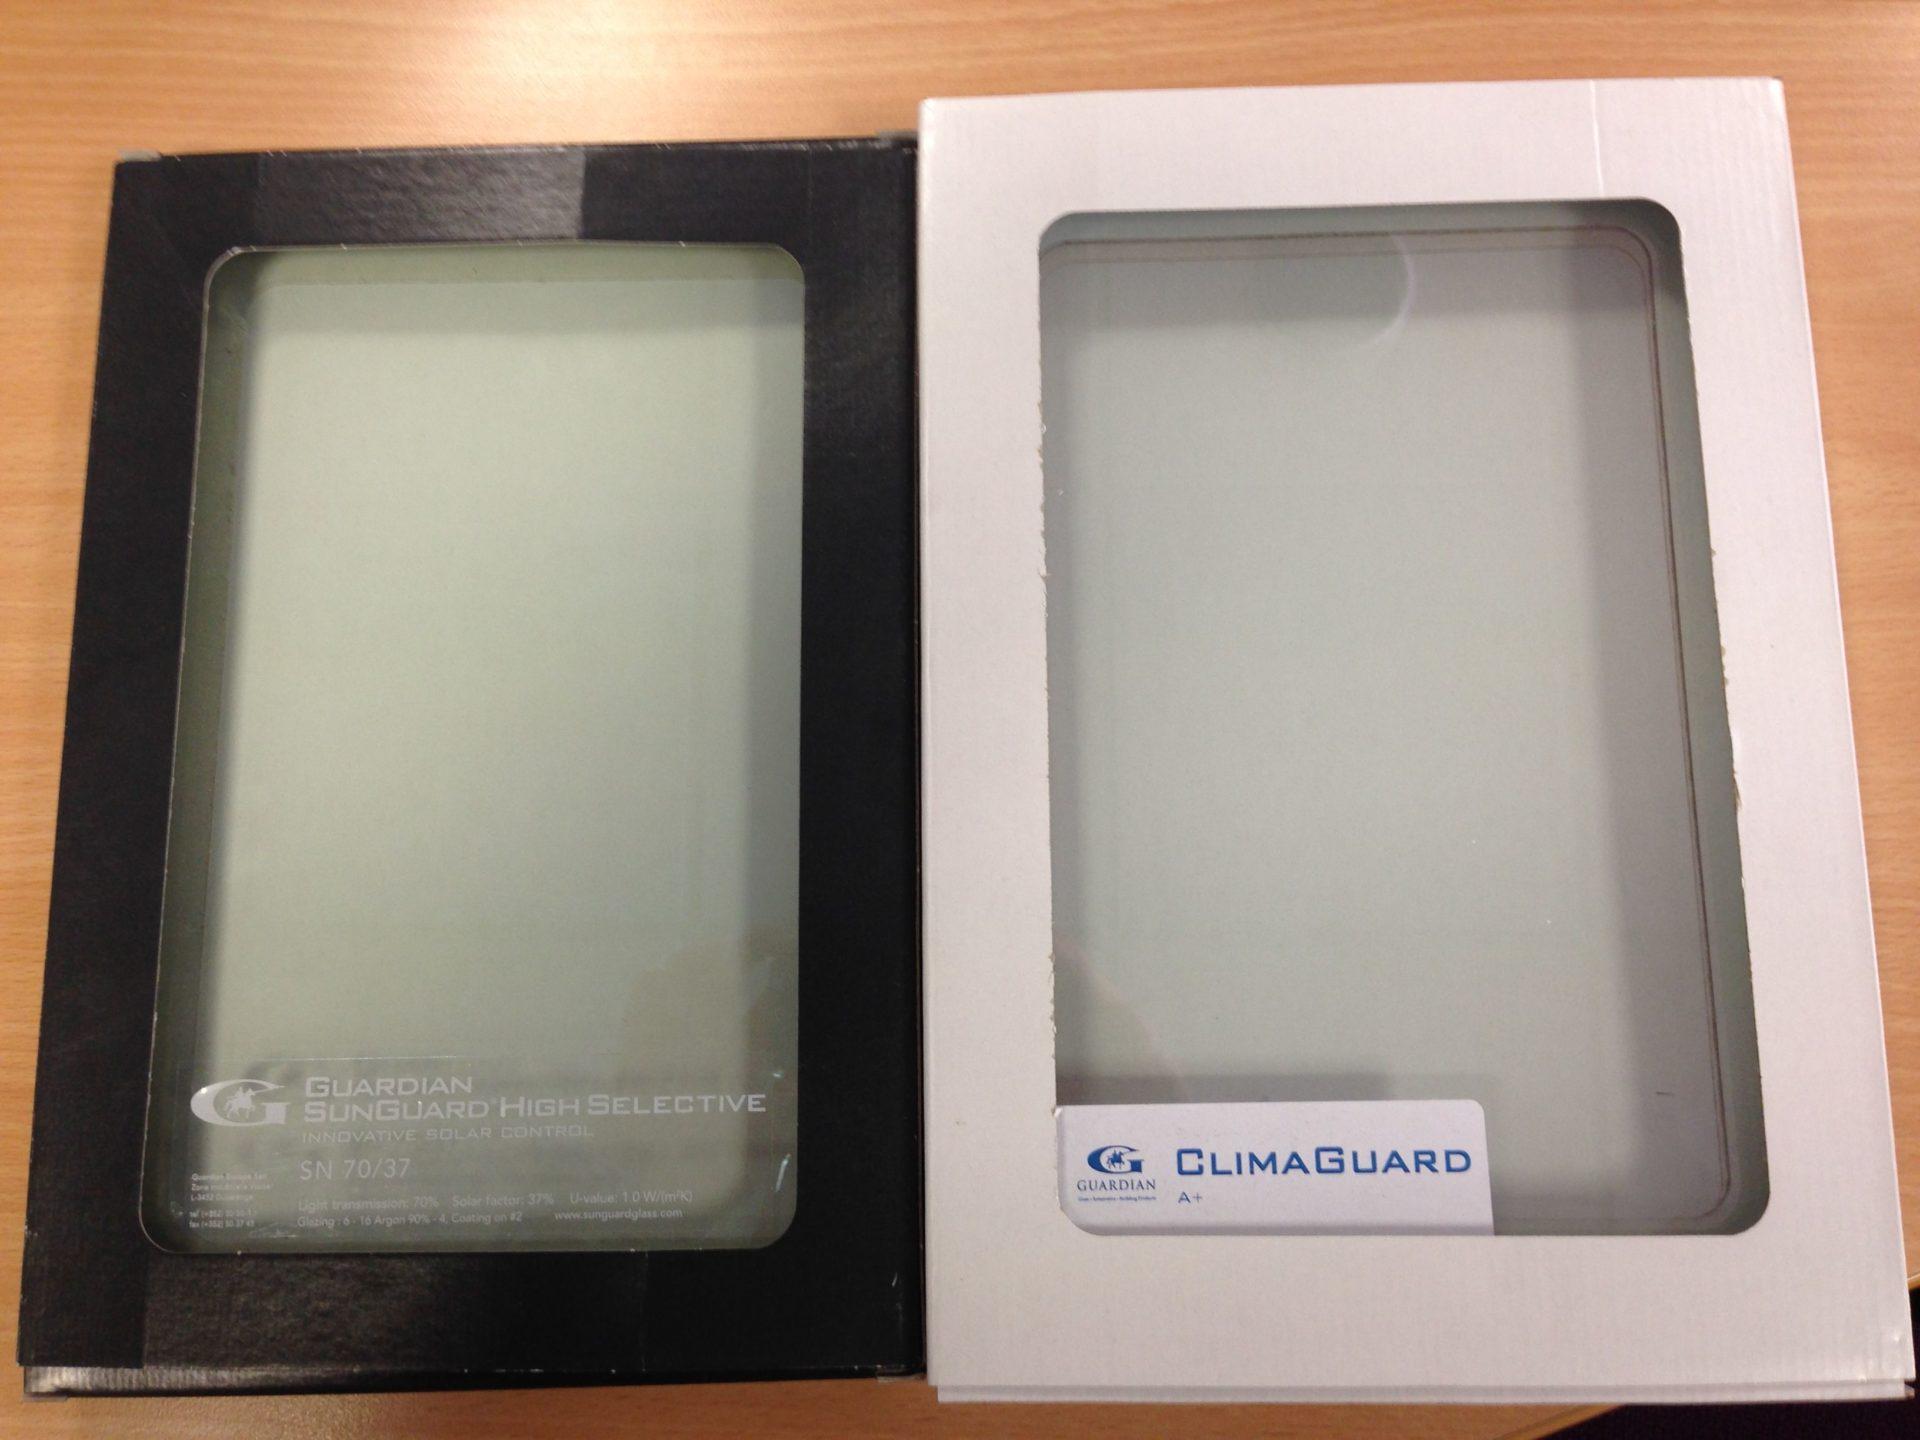 Solar glass compared